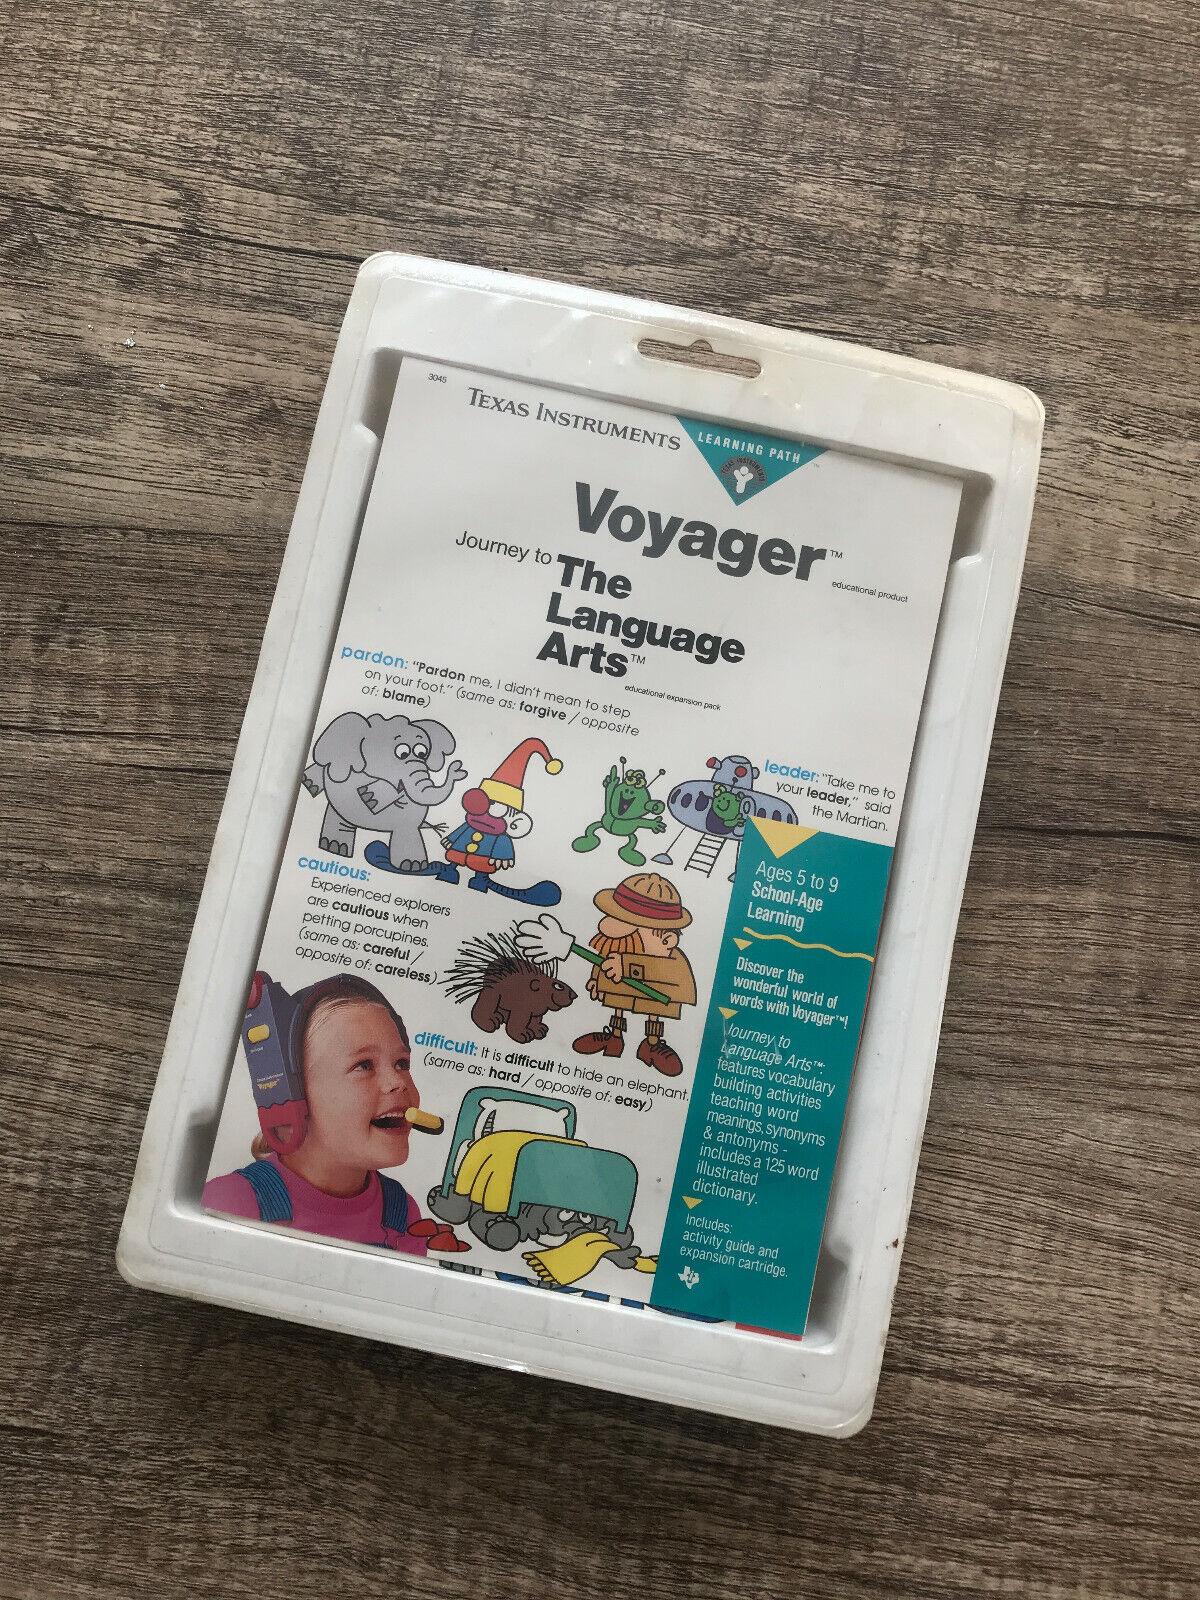 Texas Instruments Voyager Cochetucho-Viaje A Artes de lenguaje